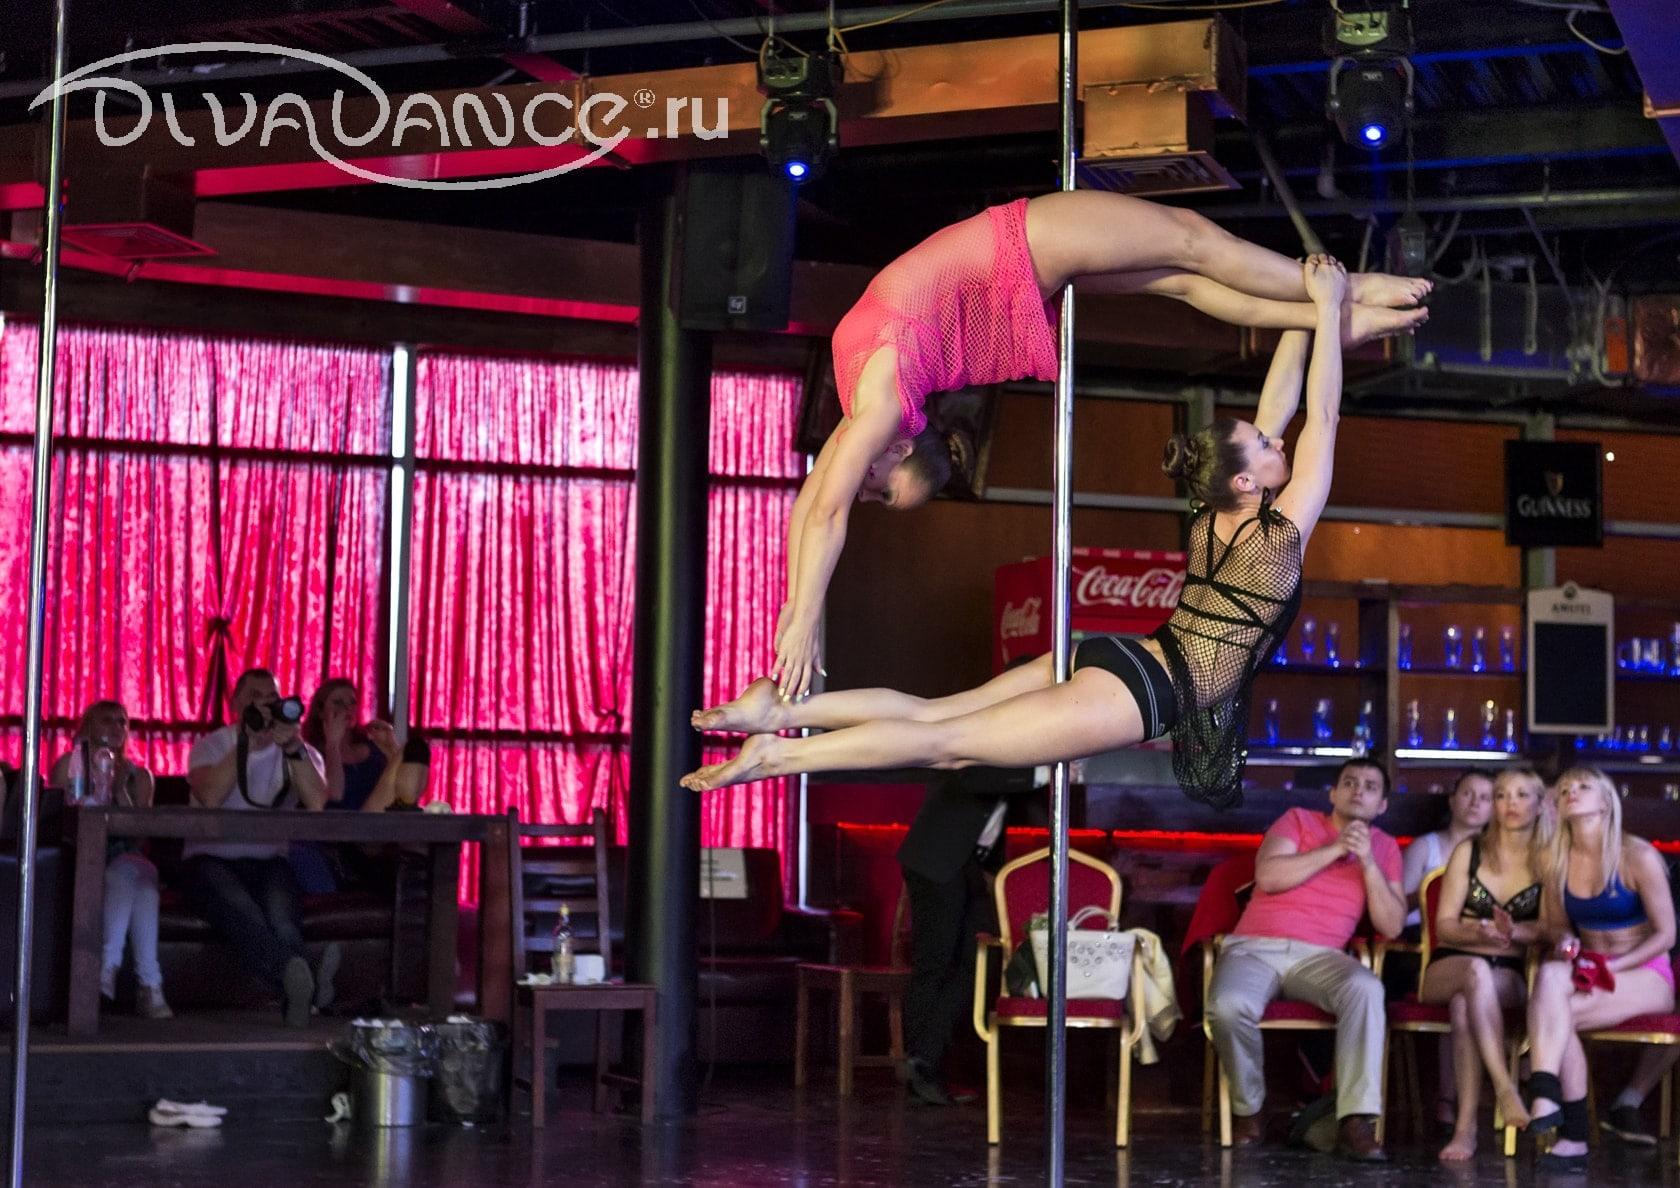 Смотреть онлайн танец стриптиз 11 фотография